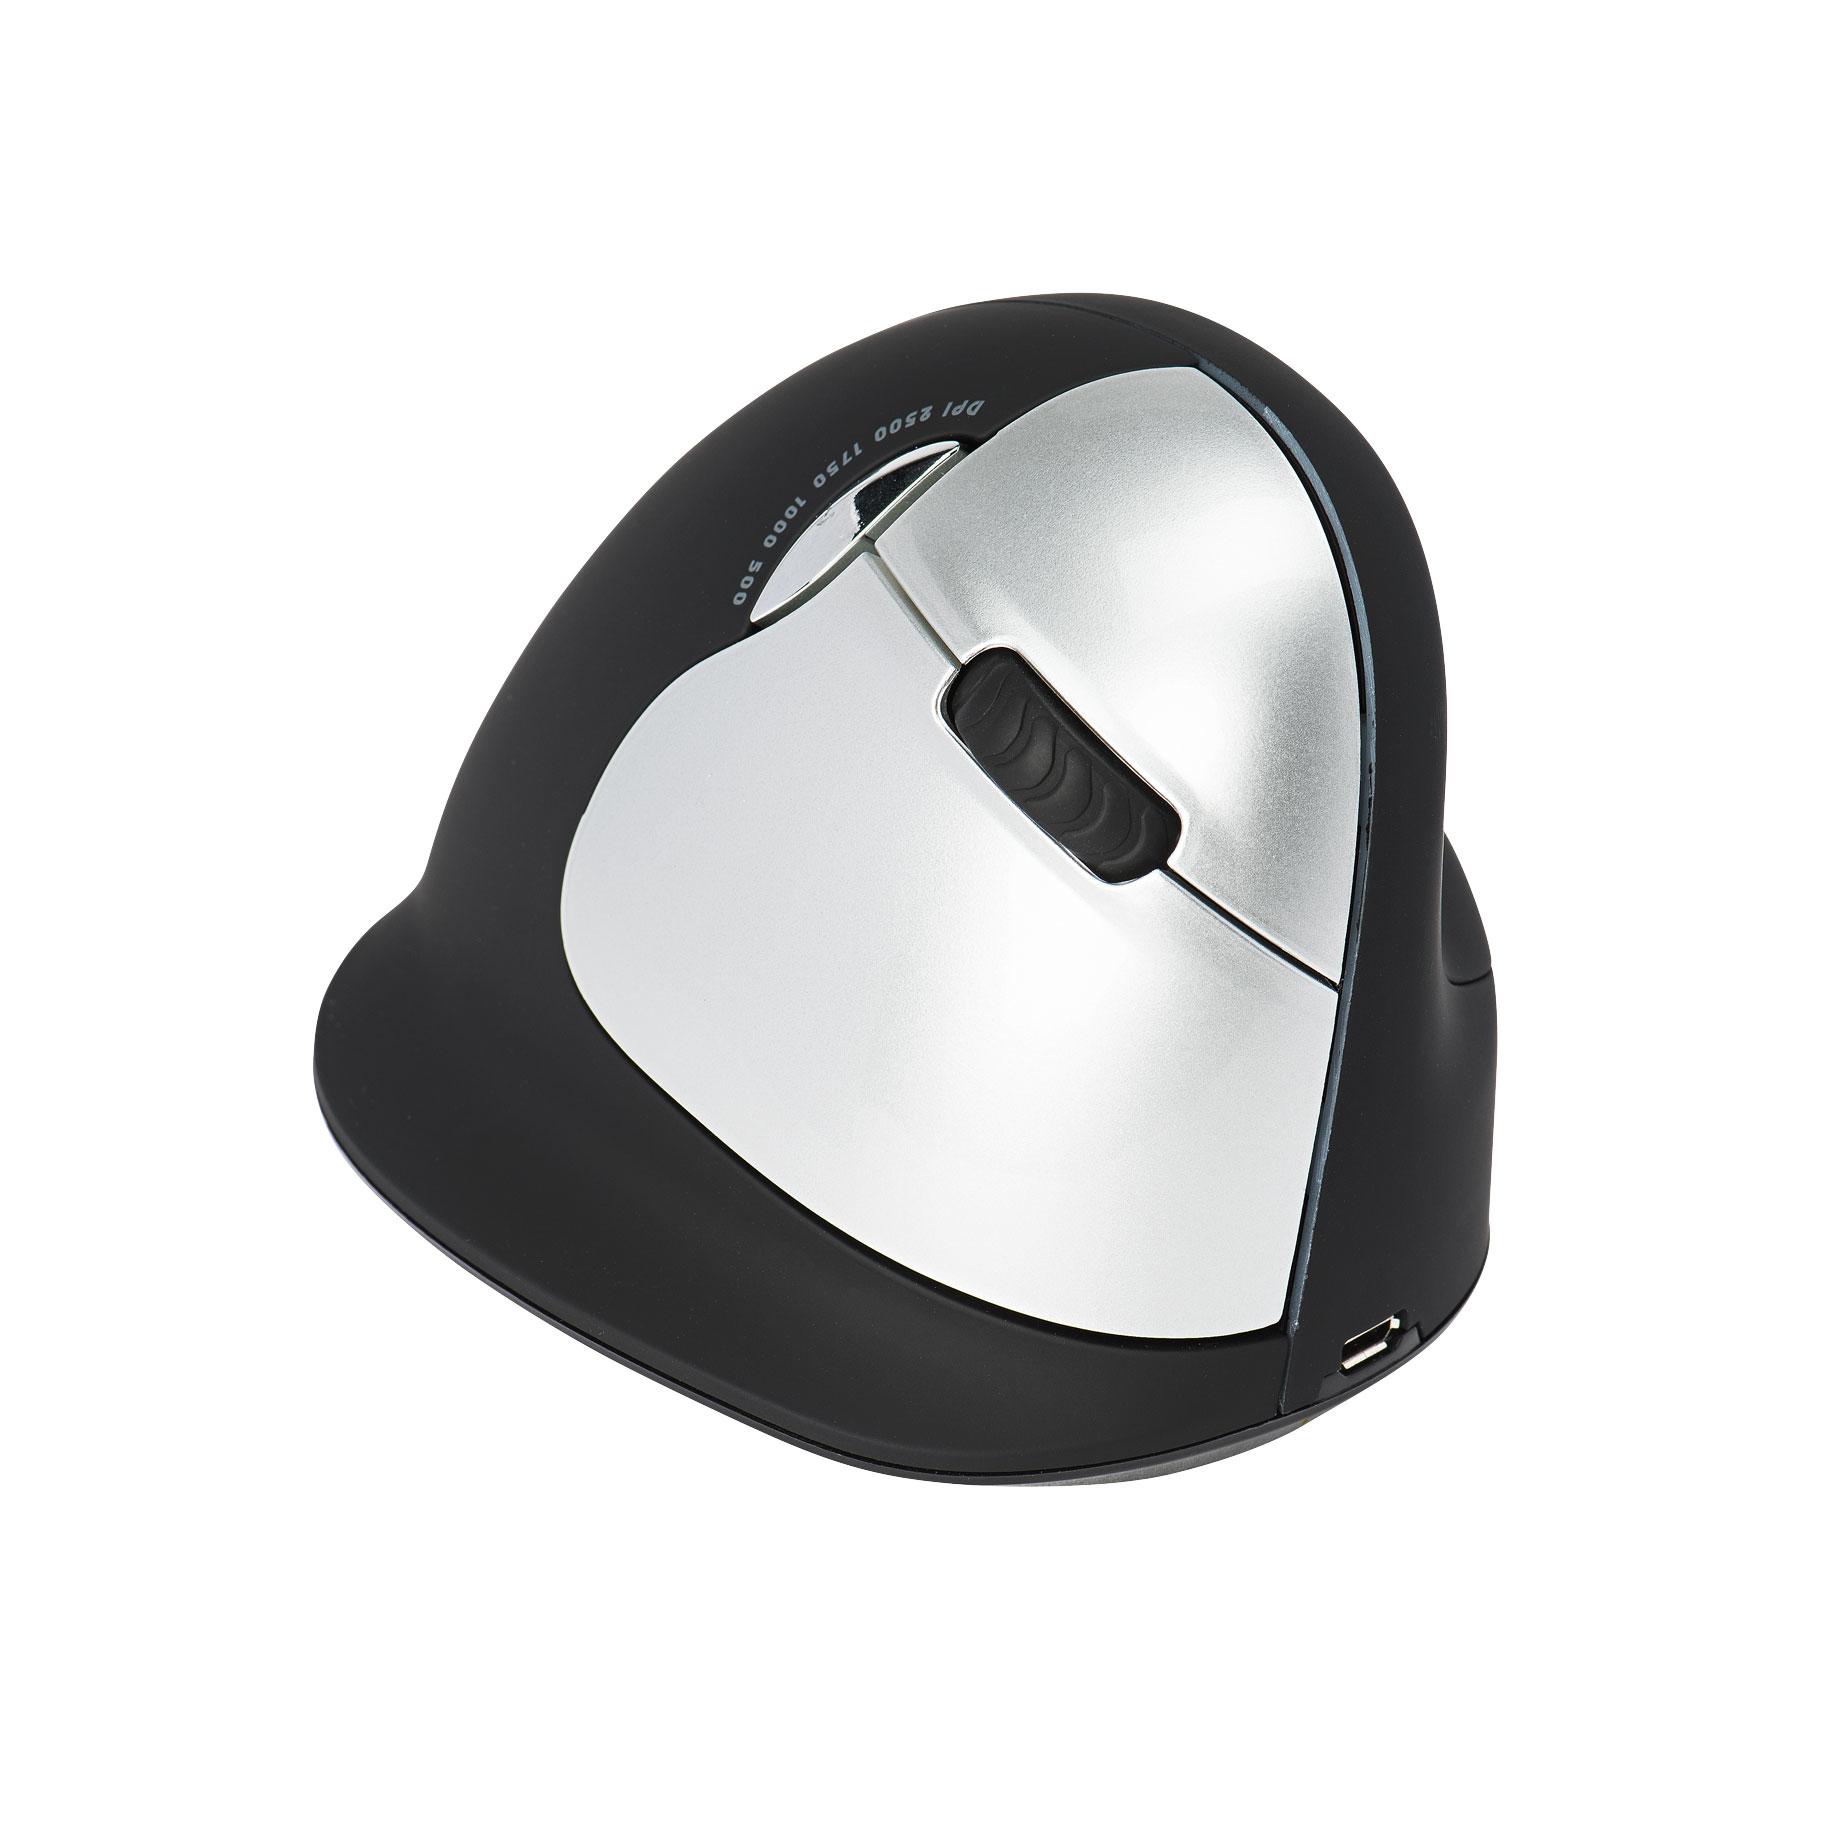 R-Go Tools R-Go HE Mouse, Ergonomisch muis, Large (Handlengte boven de 185mm), Rechtshandig, draadloos